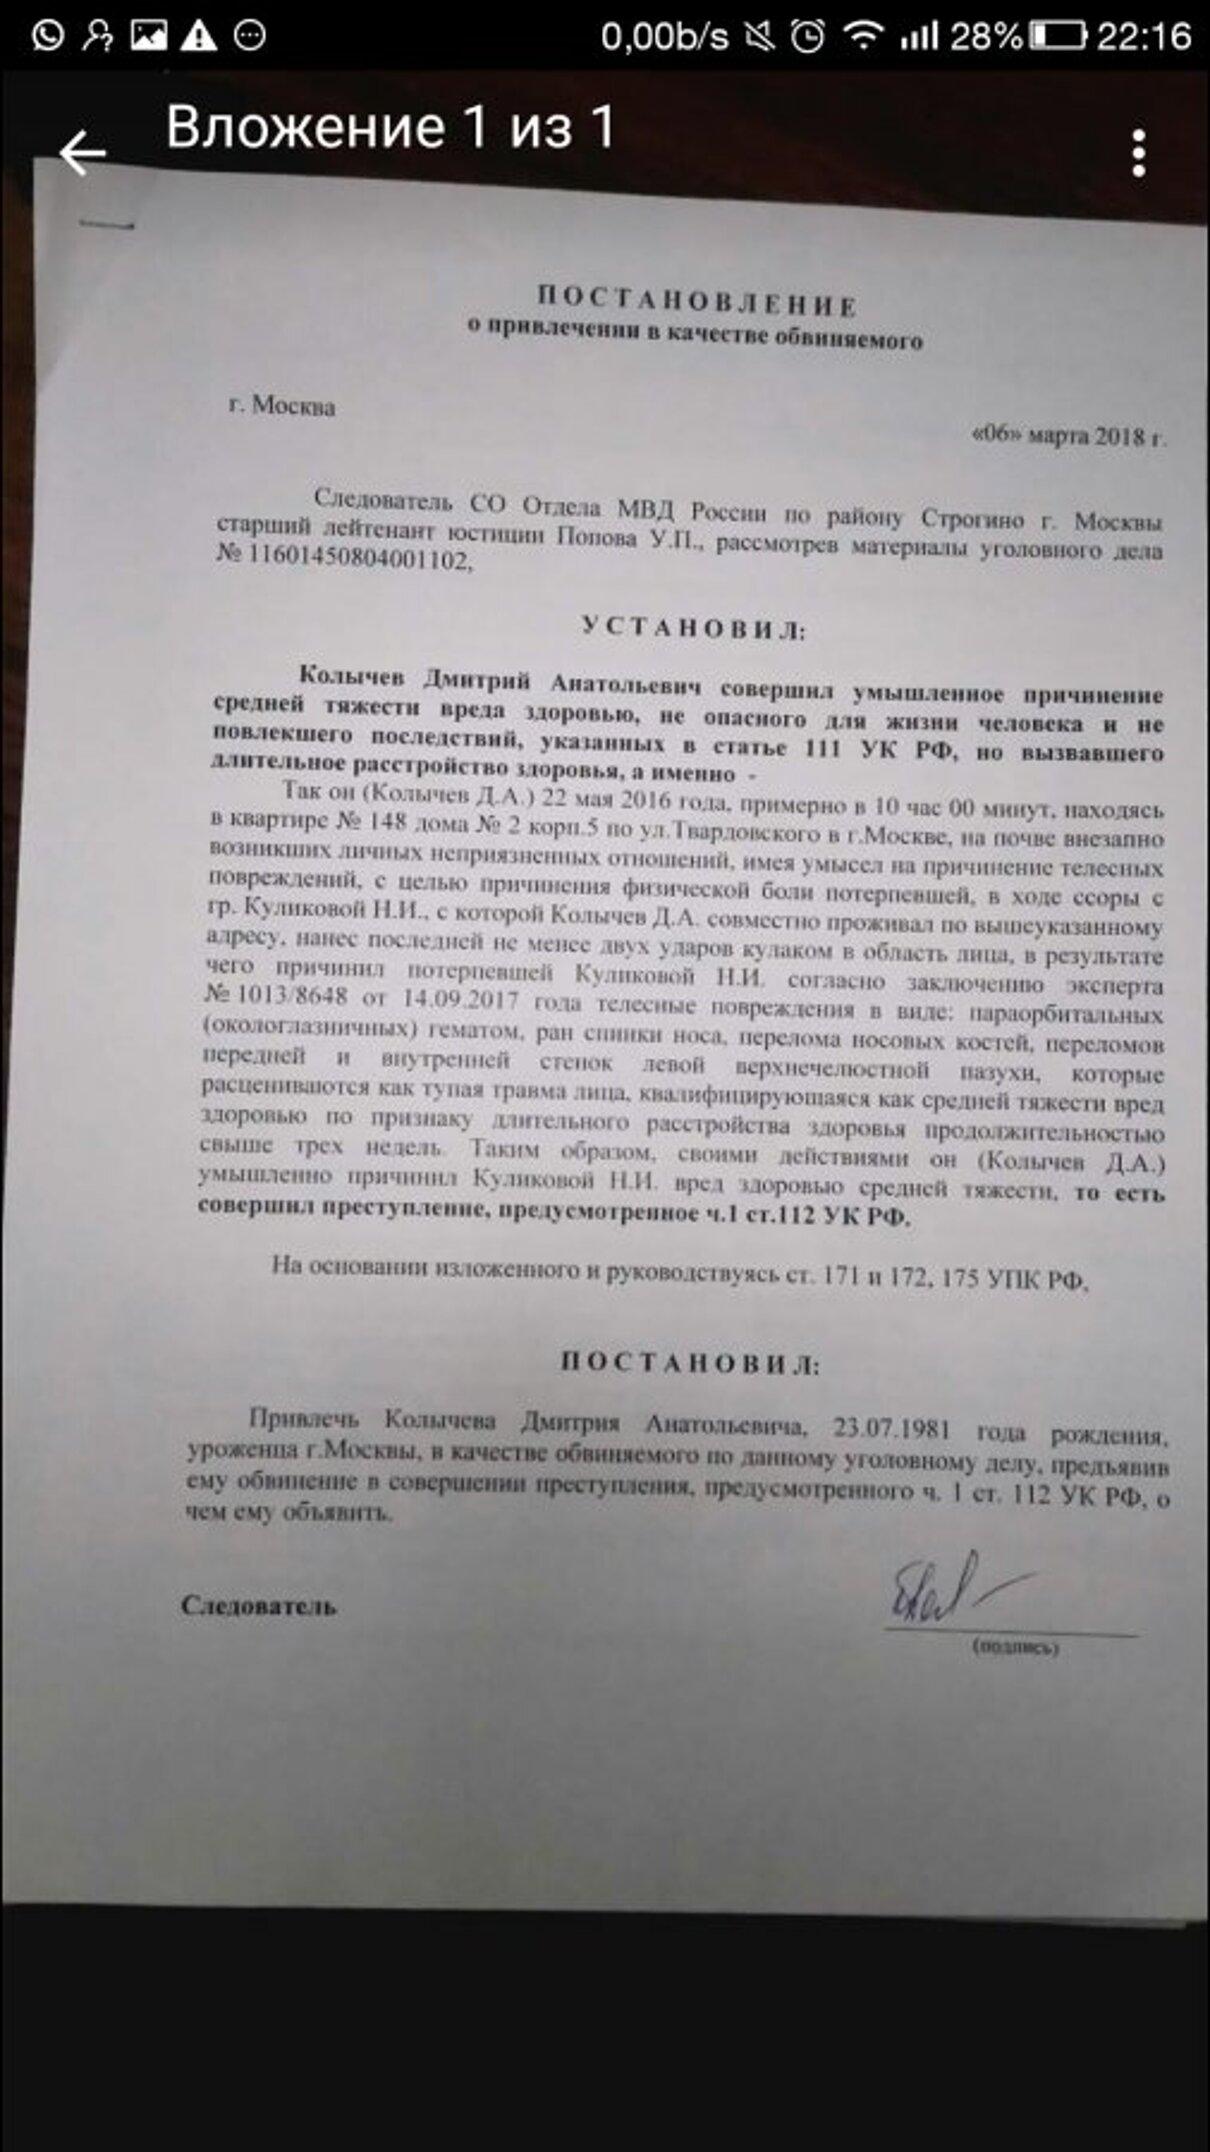 Жалоба-отзыв: Колычев Дмитрий Анатольевич - Знакомства